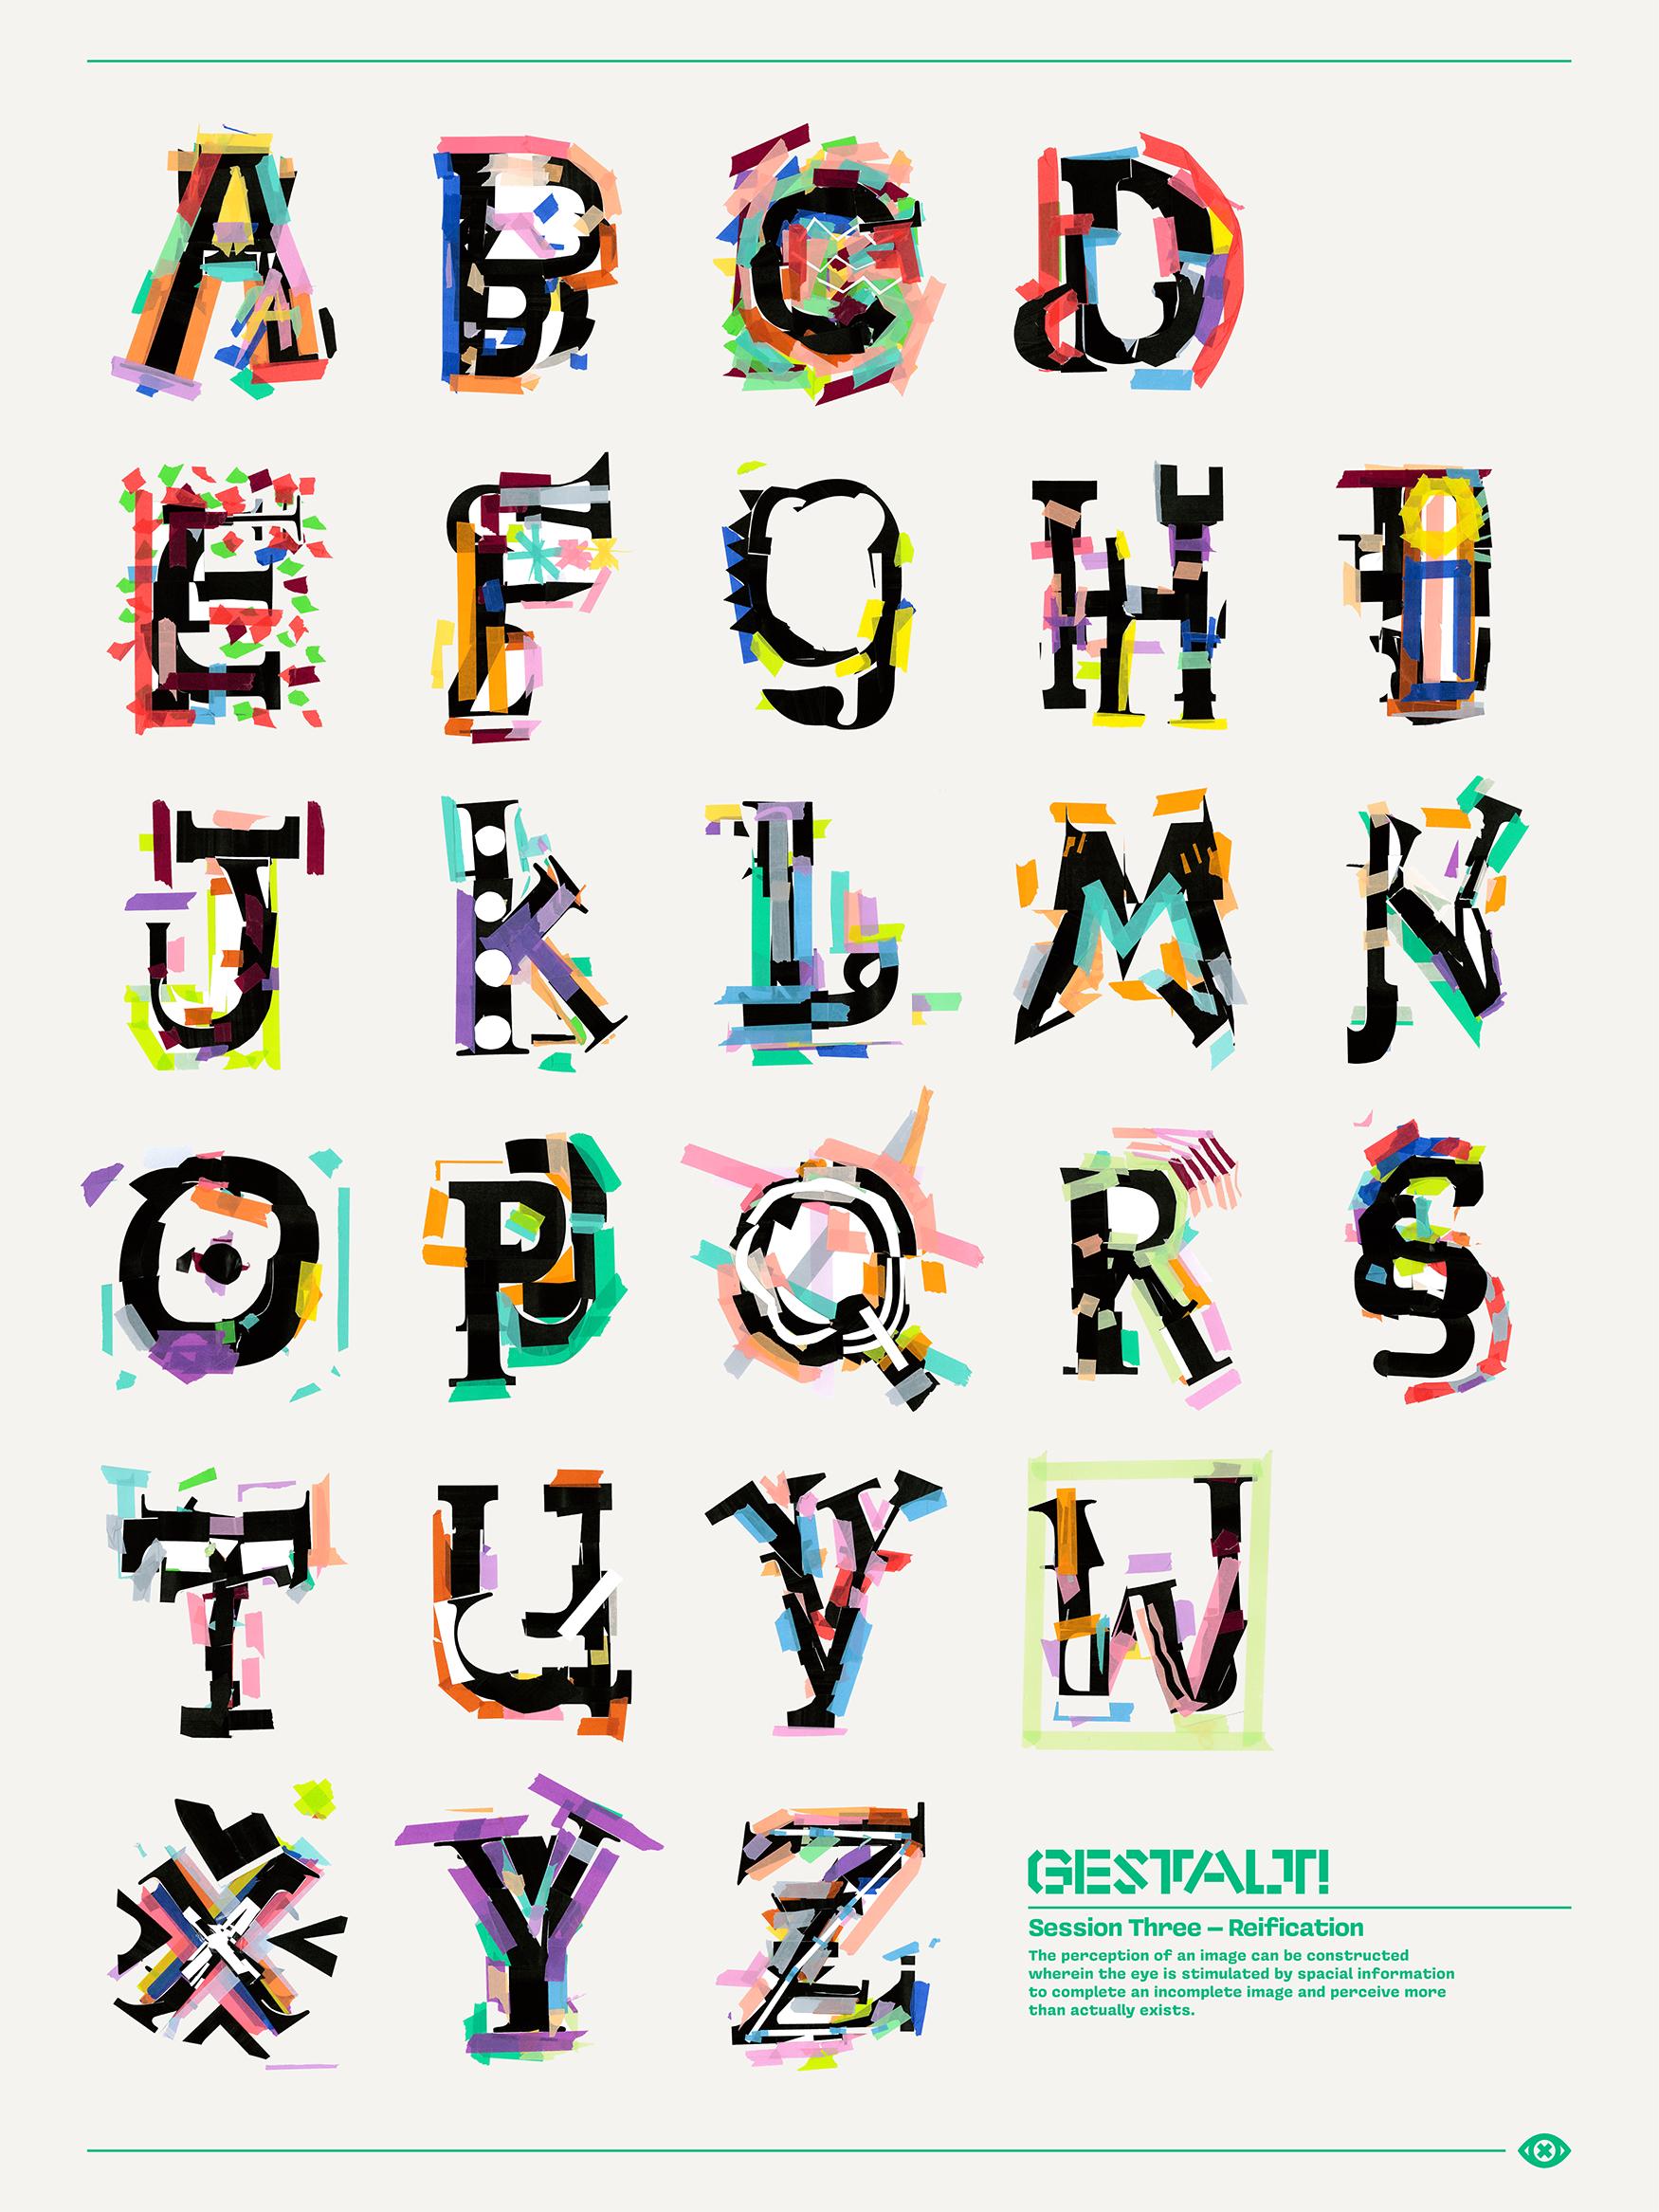 Gestalt_Reification_FinalPosters-14.png